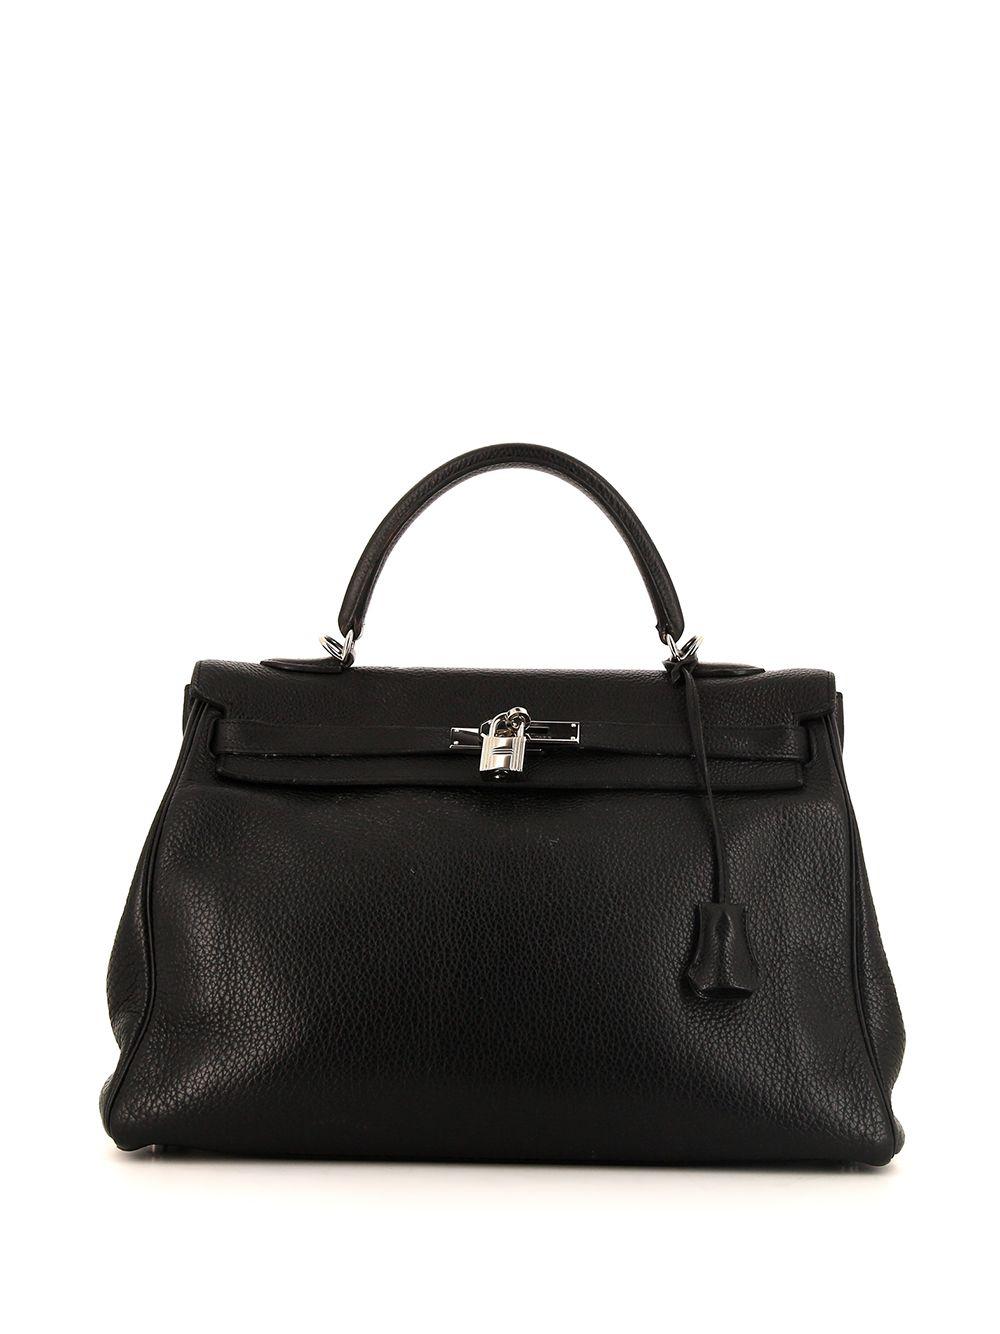 Hermès 2008 pre-owned Kelly Handtasche, 35mm - Schwarz